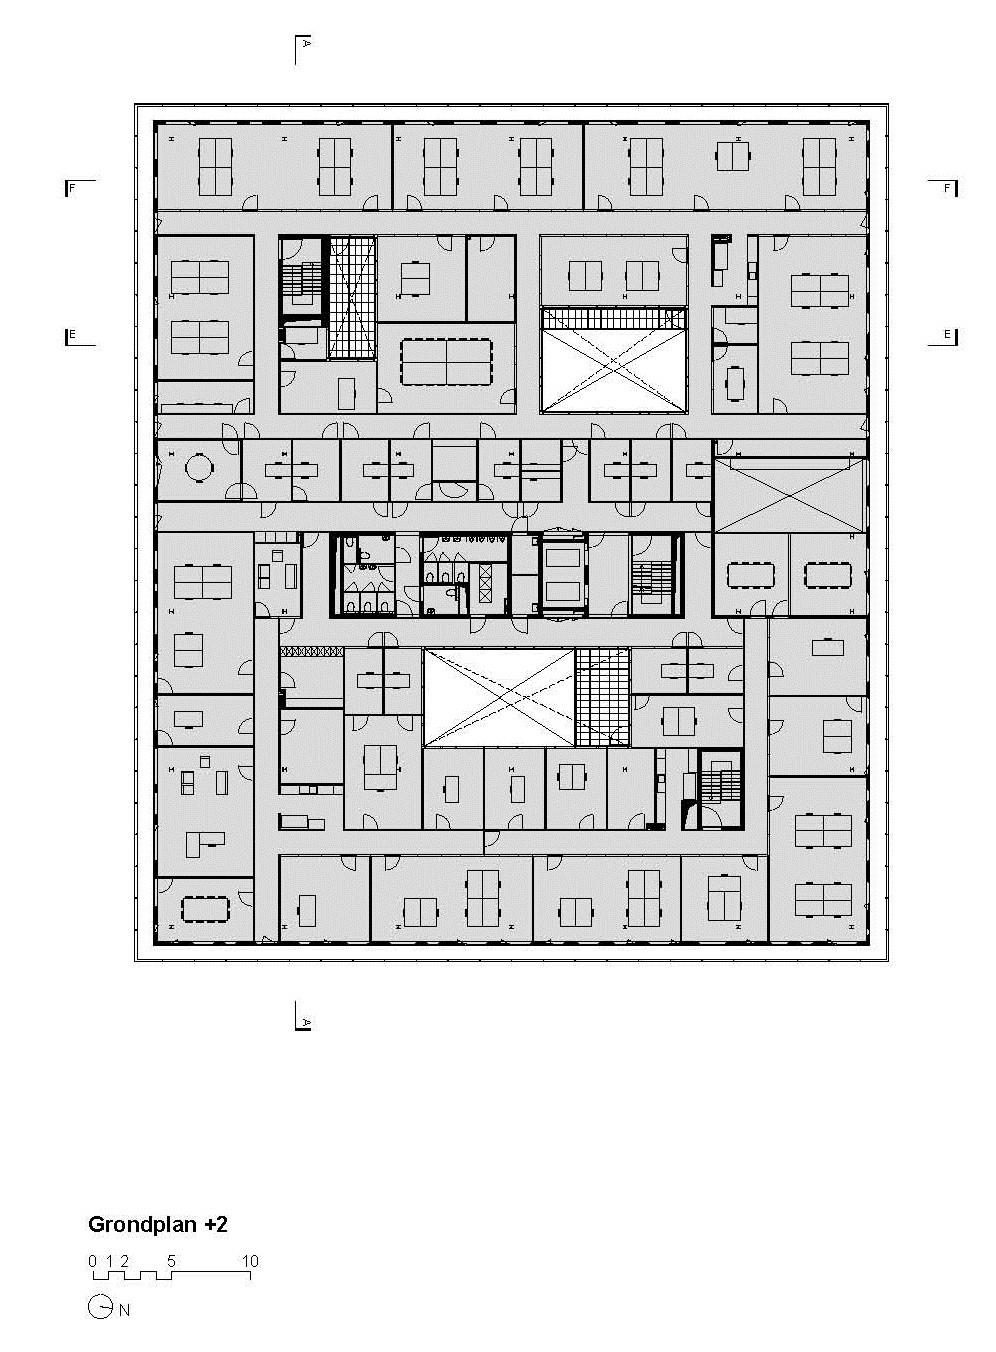 Cucv Wiring Schematic | Wiring Diagram